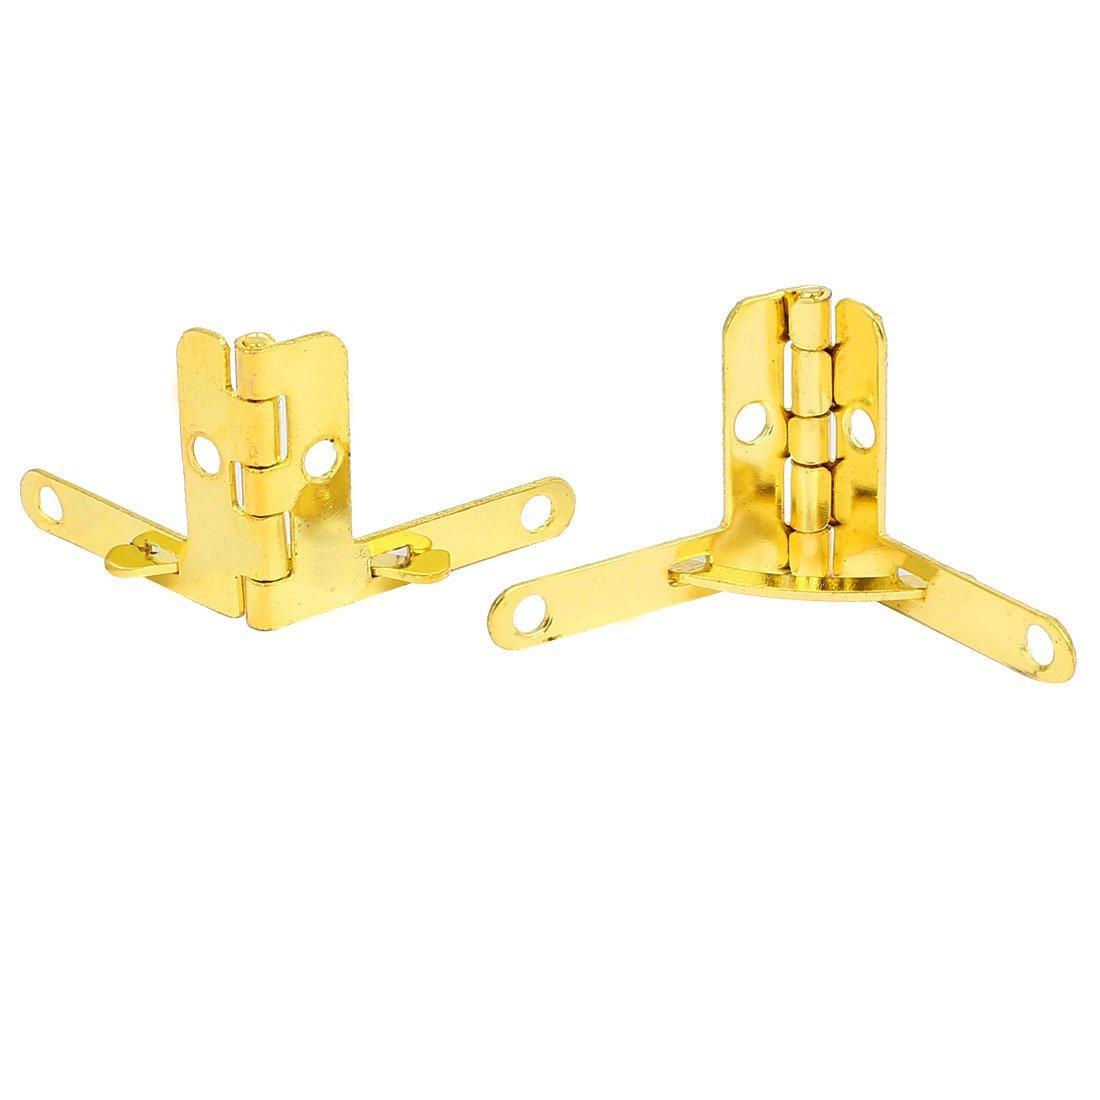 eDealMax vino de la caja de joyería caja de madera 15pcs tono 28.5mmx22mm metal Cuadrante Bisagra oro - - Amazon.com